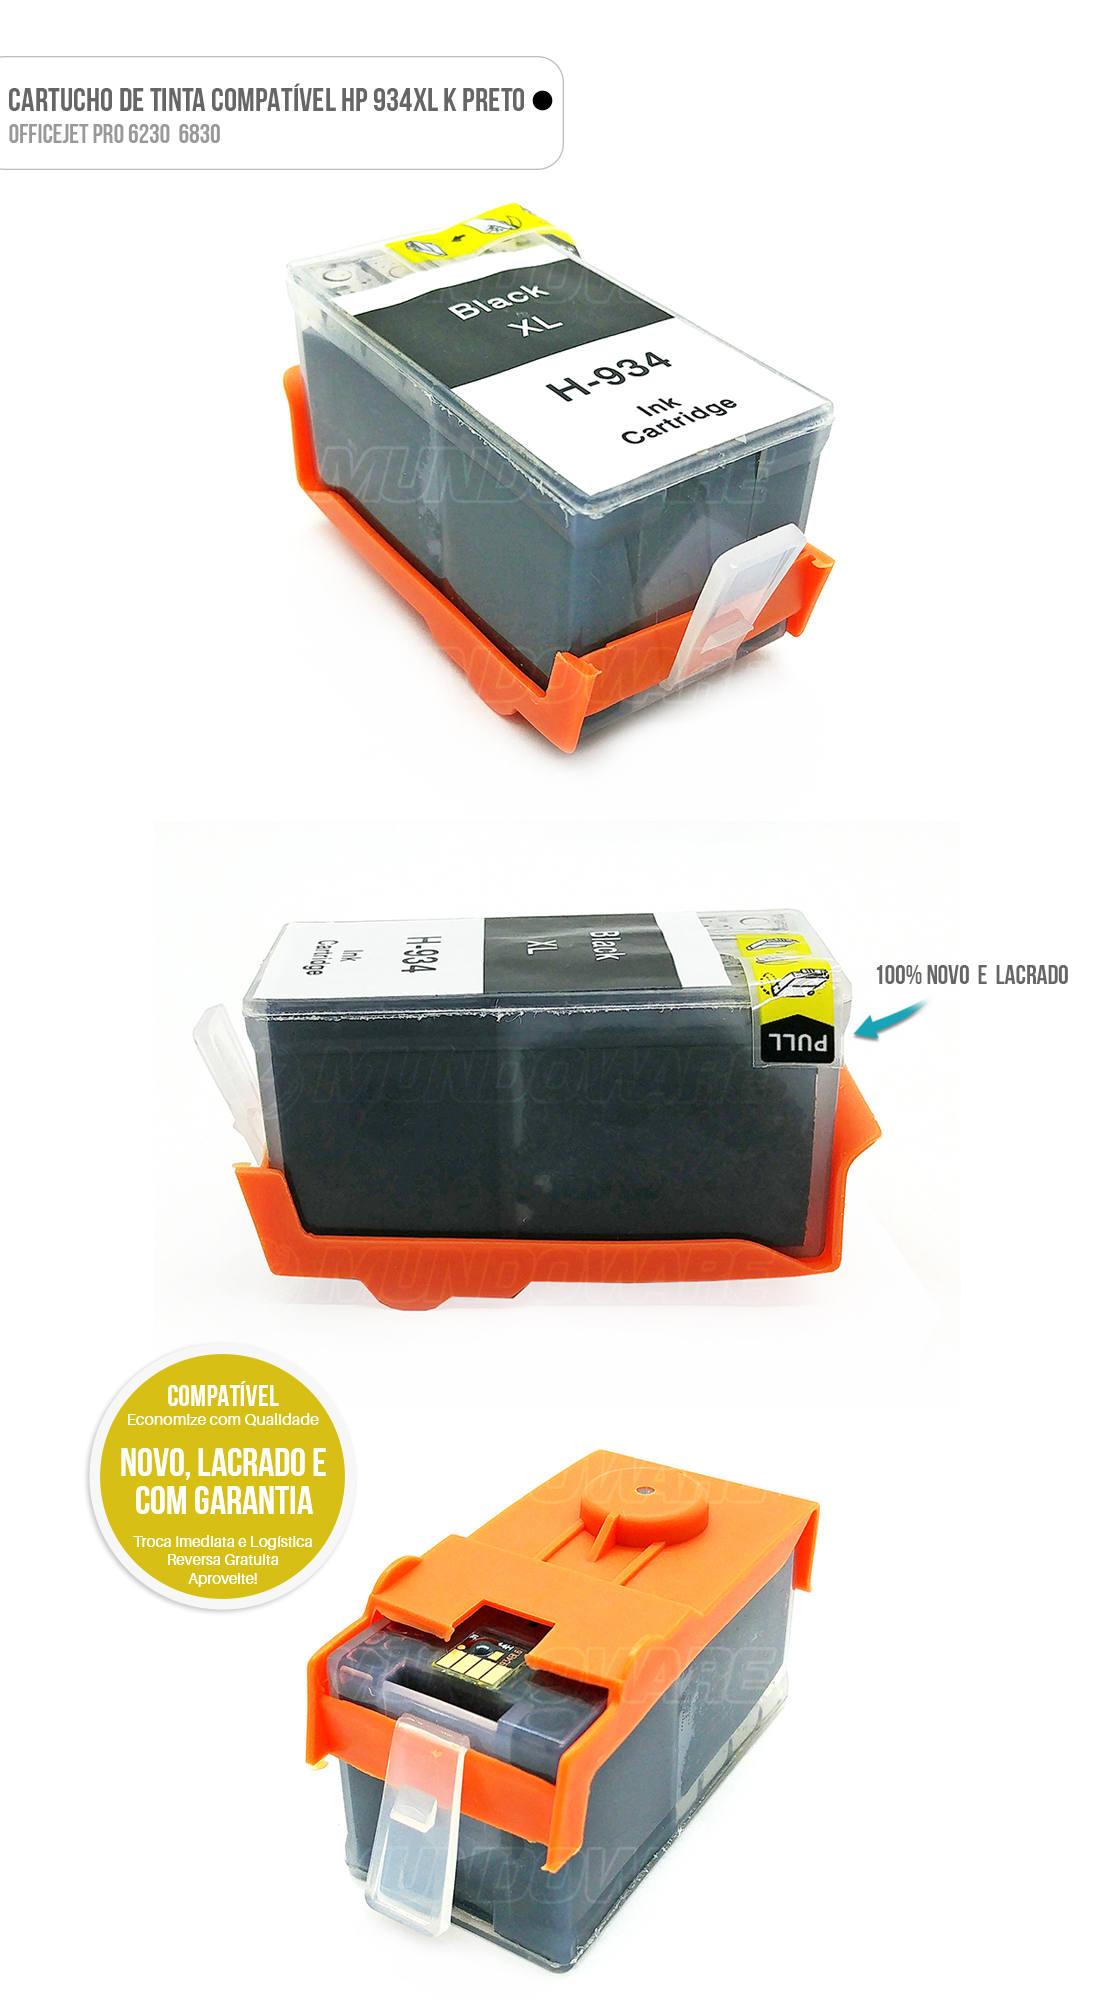 Cartucho de Tinta compatível 935xl 935 xl Preto para impressora 6230 6830